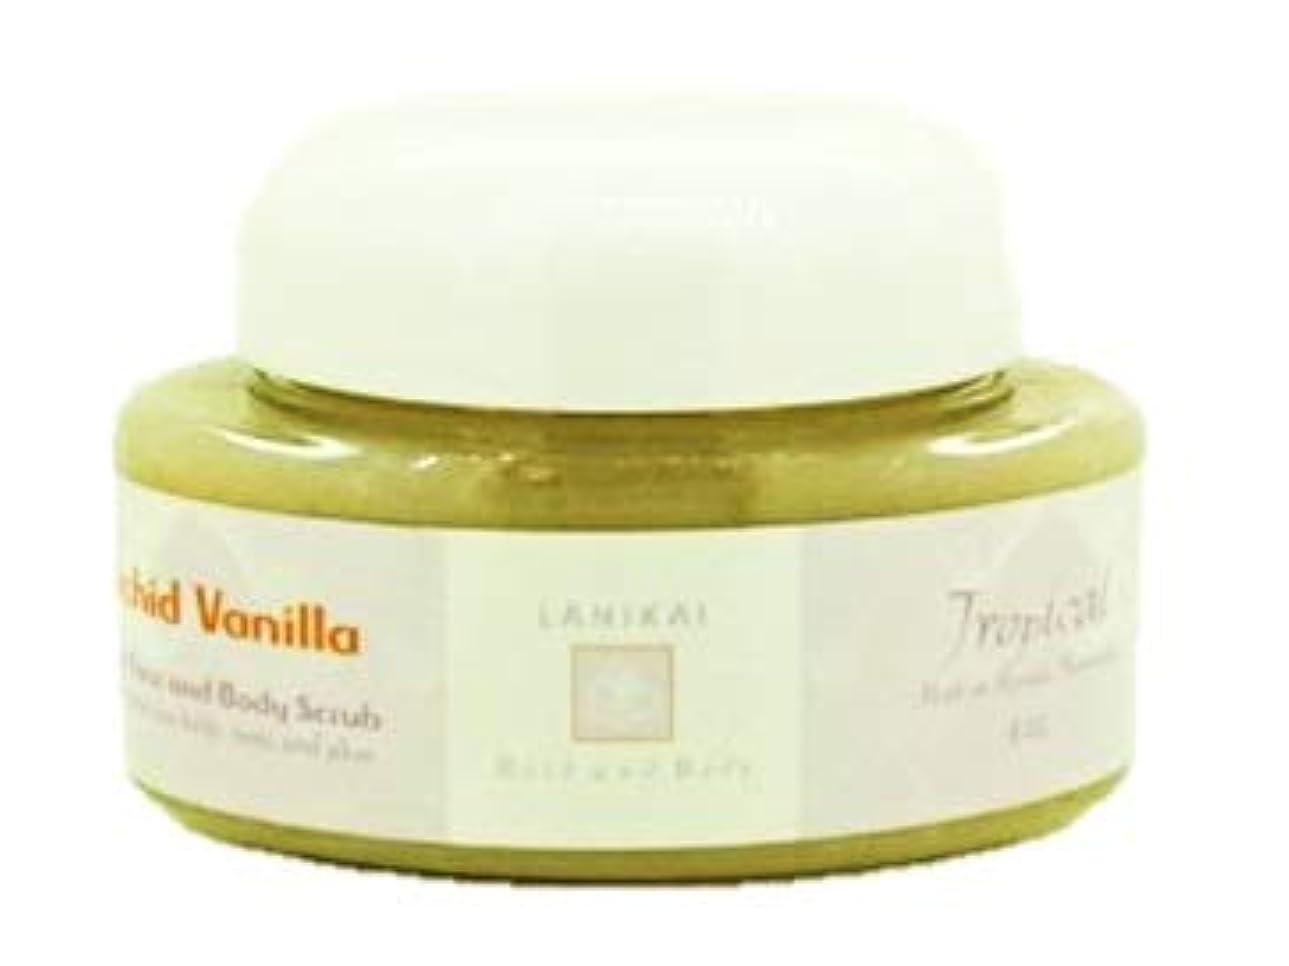 比べる適応的目的LANIKAI Orchid Vanilla Body Scrub ラニカイ オーキッドバニラ ボディスクラブ 4oz